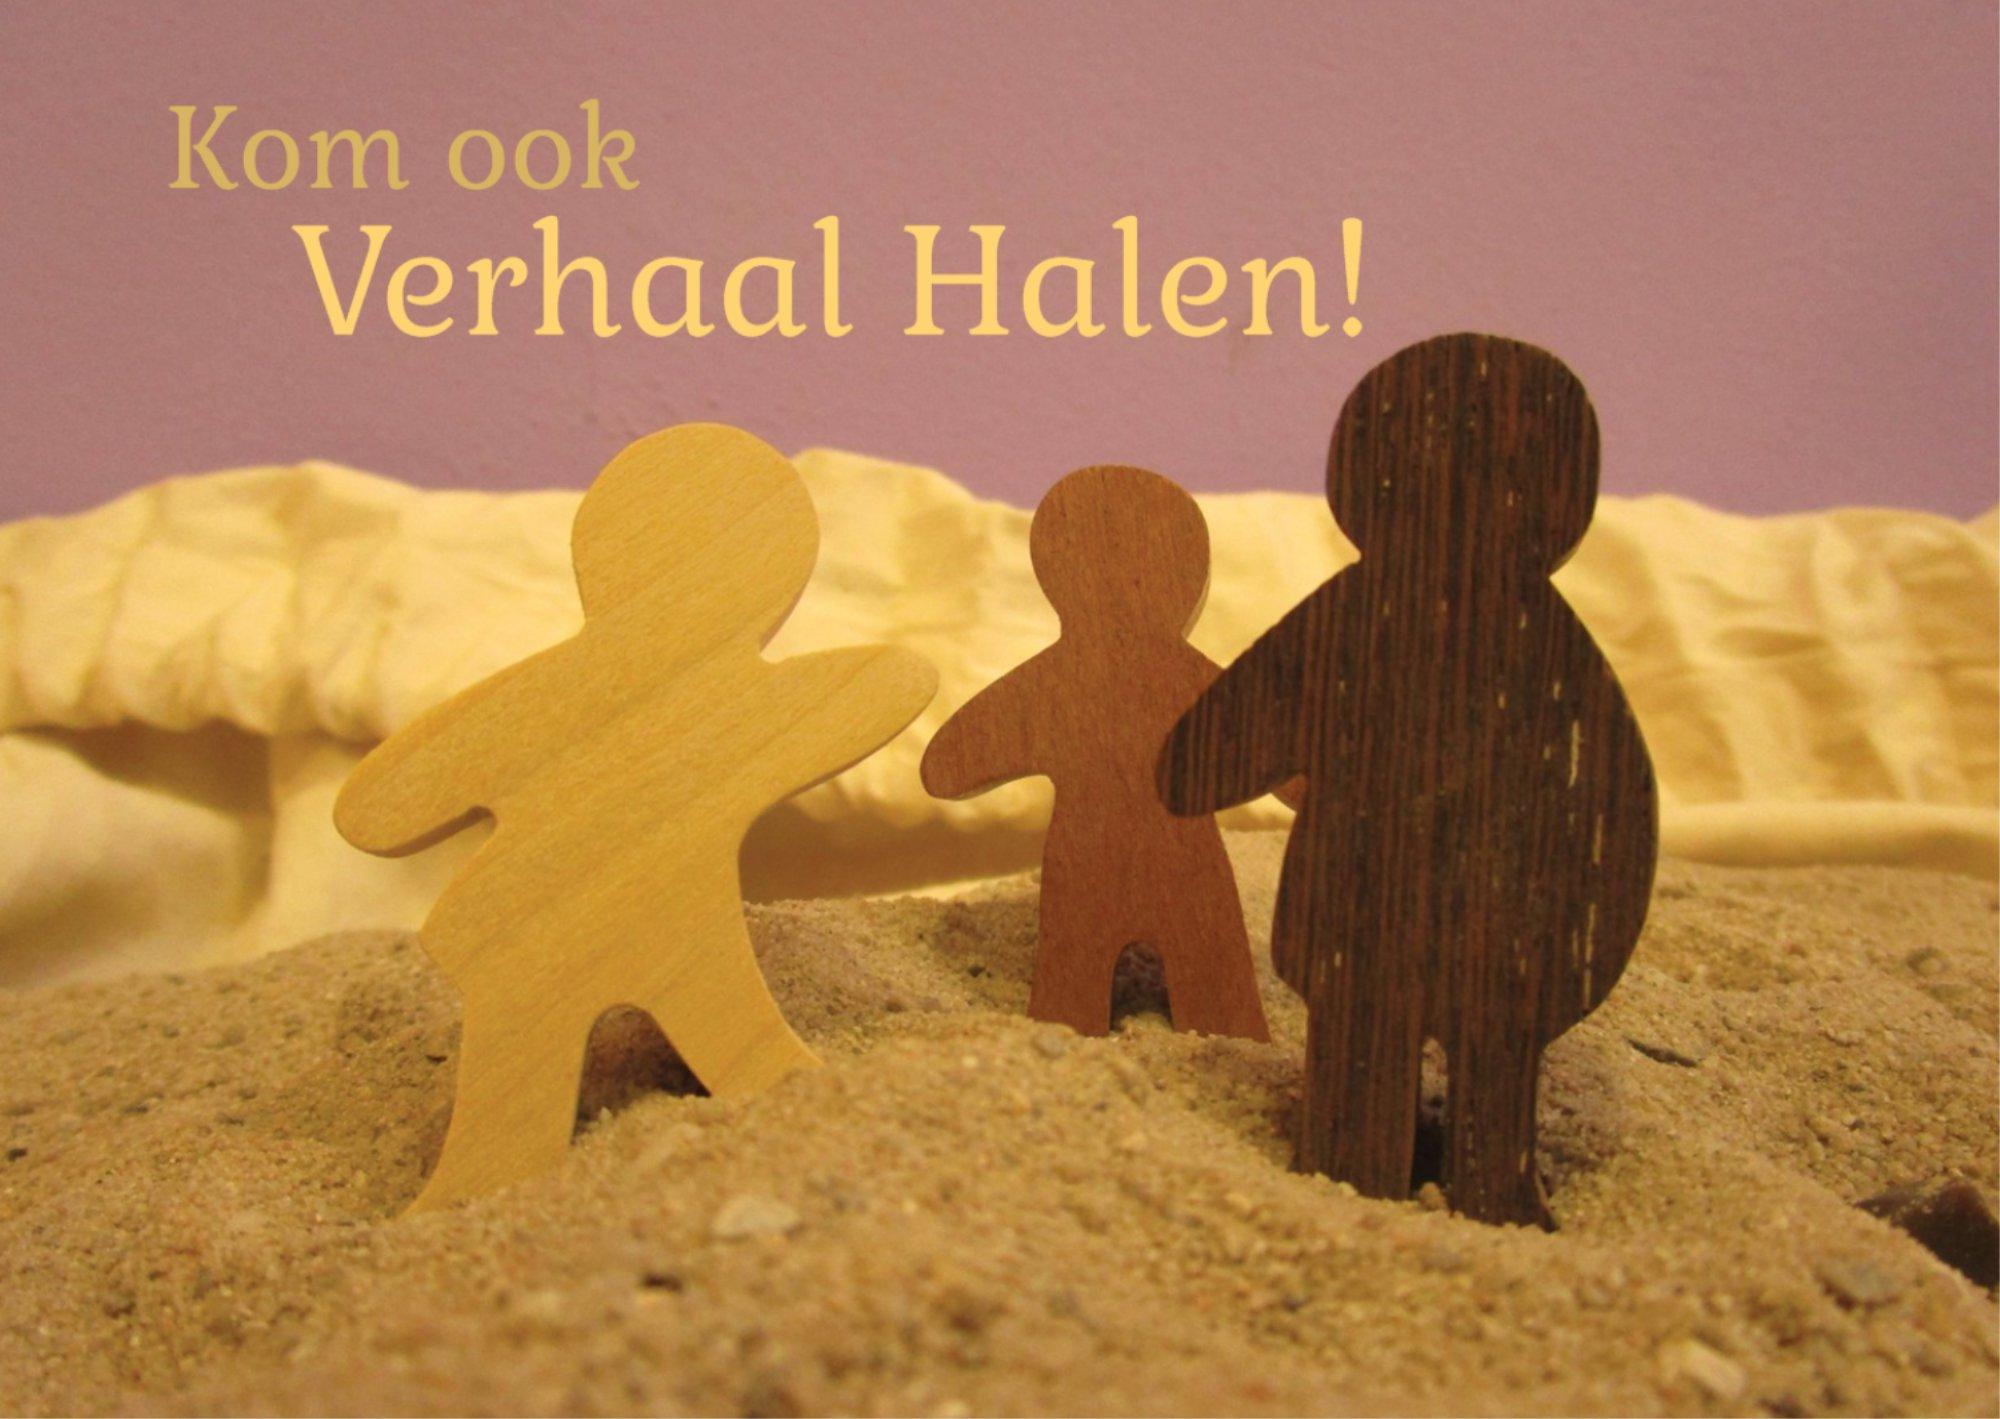 Verhaal Halen @ Ontmoetingskerk | Haarlem | Noord-Holland | Nederland